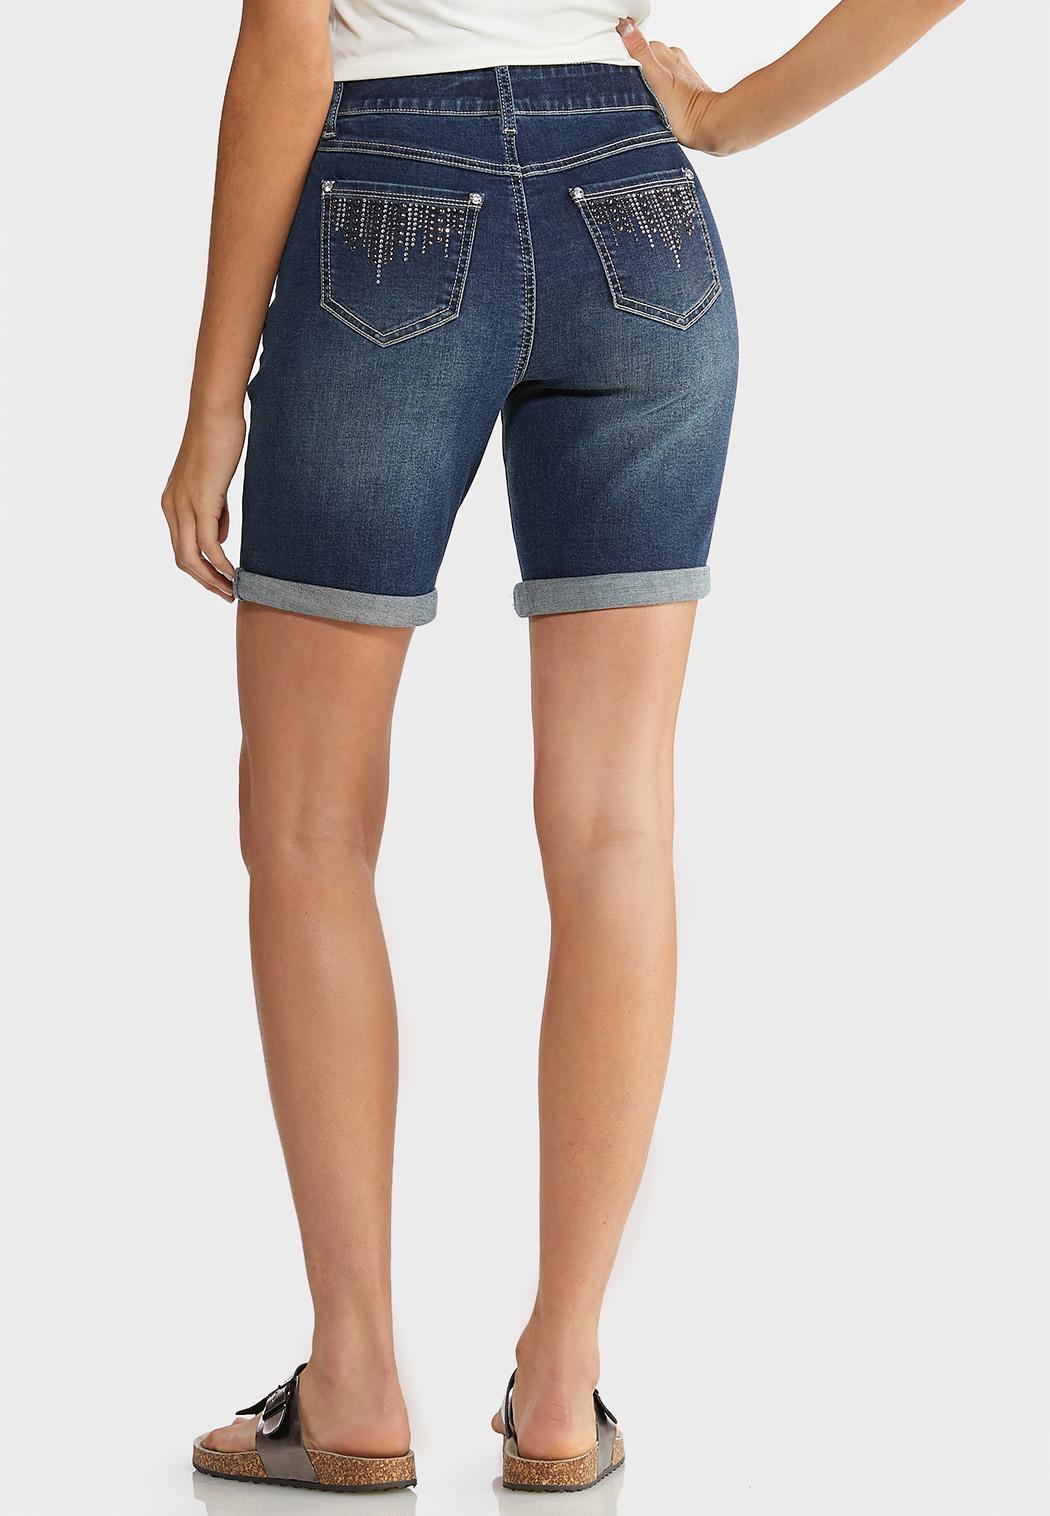 747ea4f6874 Jeans For Women - Denim, Jackets, Skirts & Vests